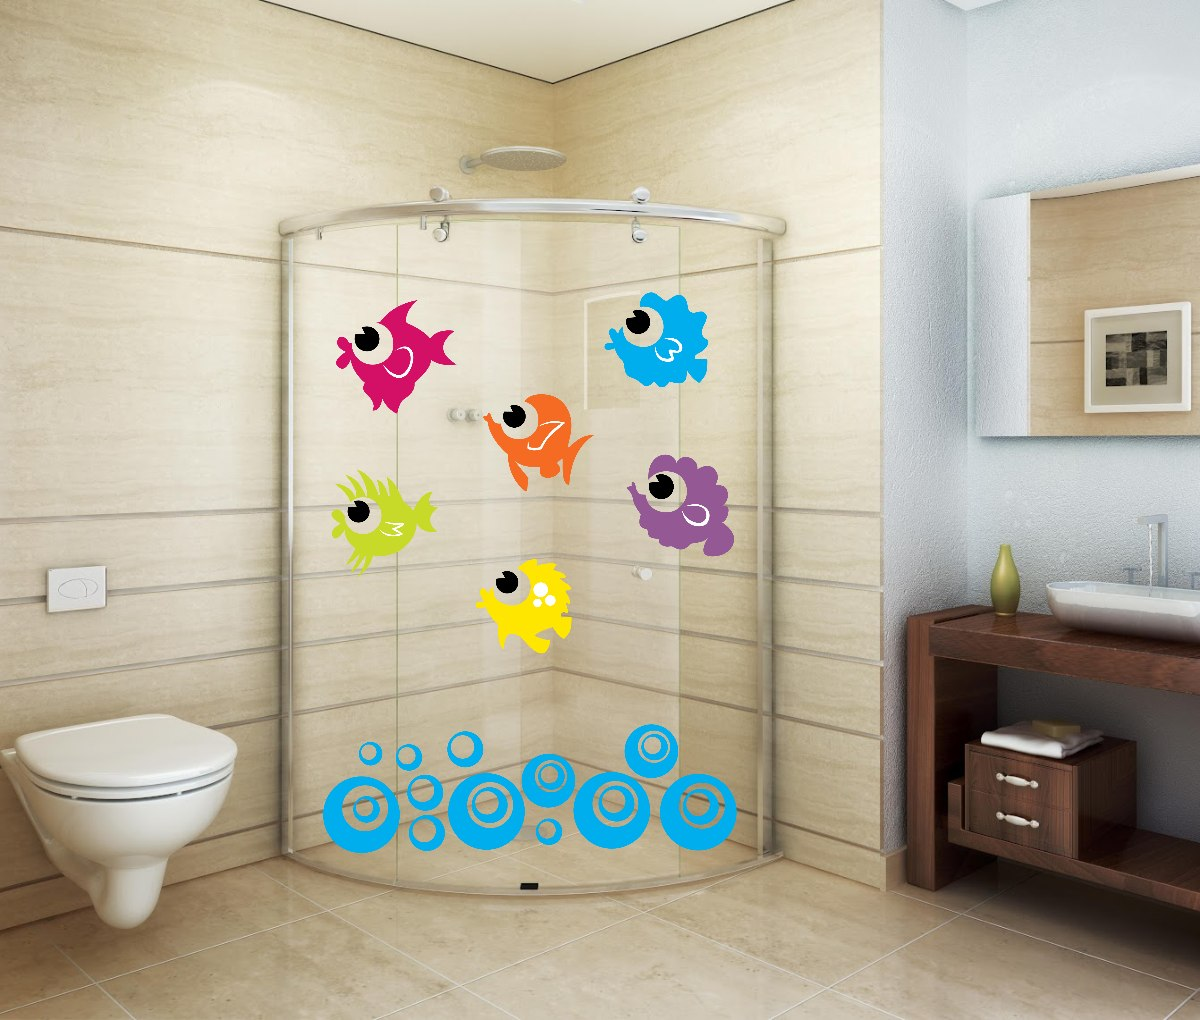 Adesivo Decorativo Parede Banheiro Porta Box Bolha Peixe R$ 24 99 em  #0991C2 1200x1020 Banheiro Container Brasilia